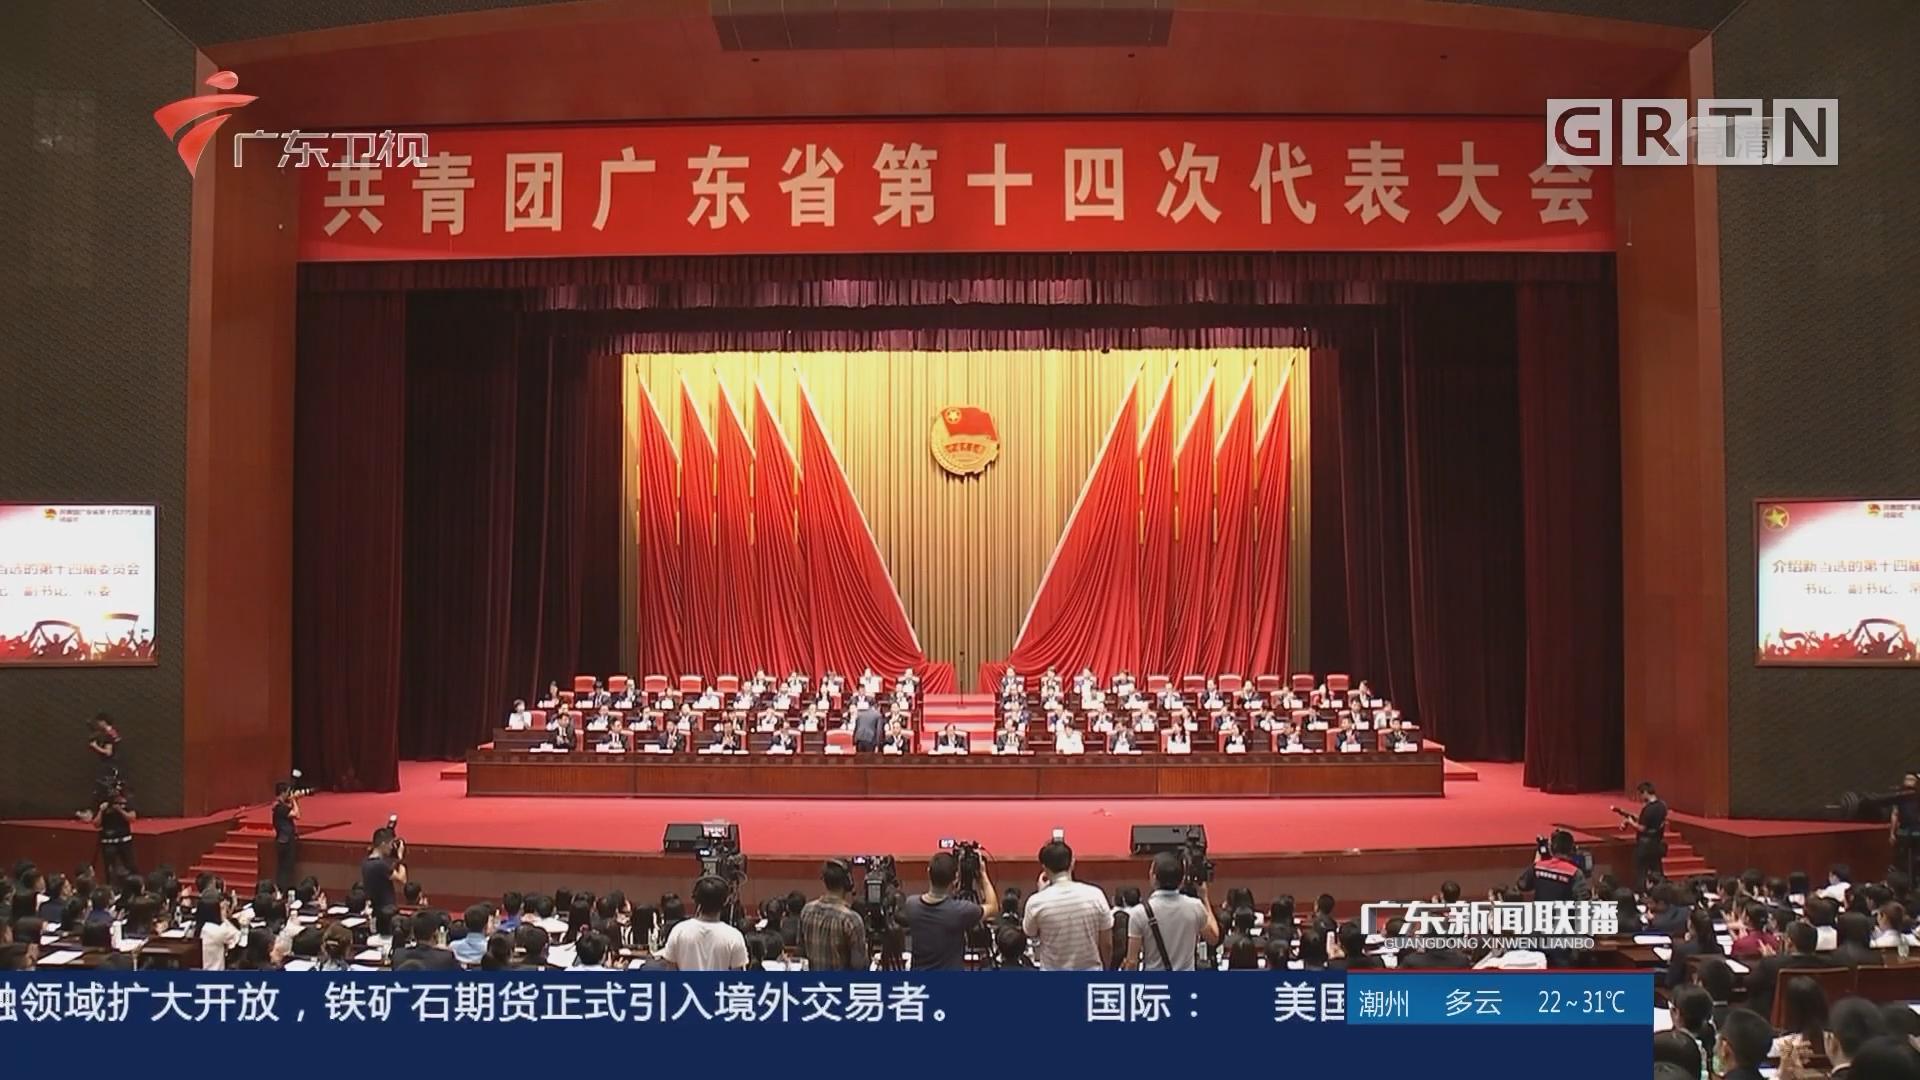 共青团广东省第十四次代表大会闭幕 60万团员同步重温入团誓词